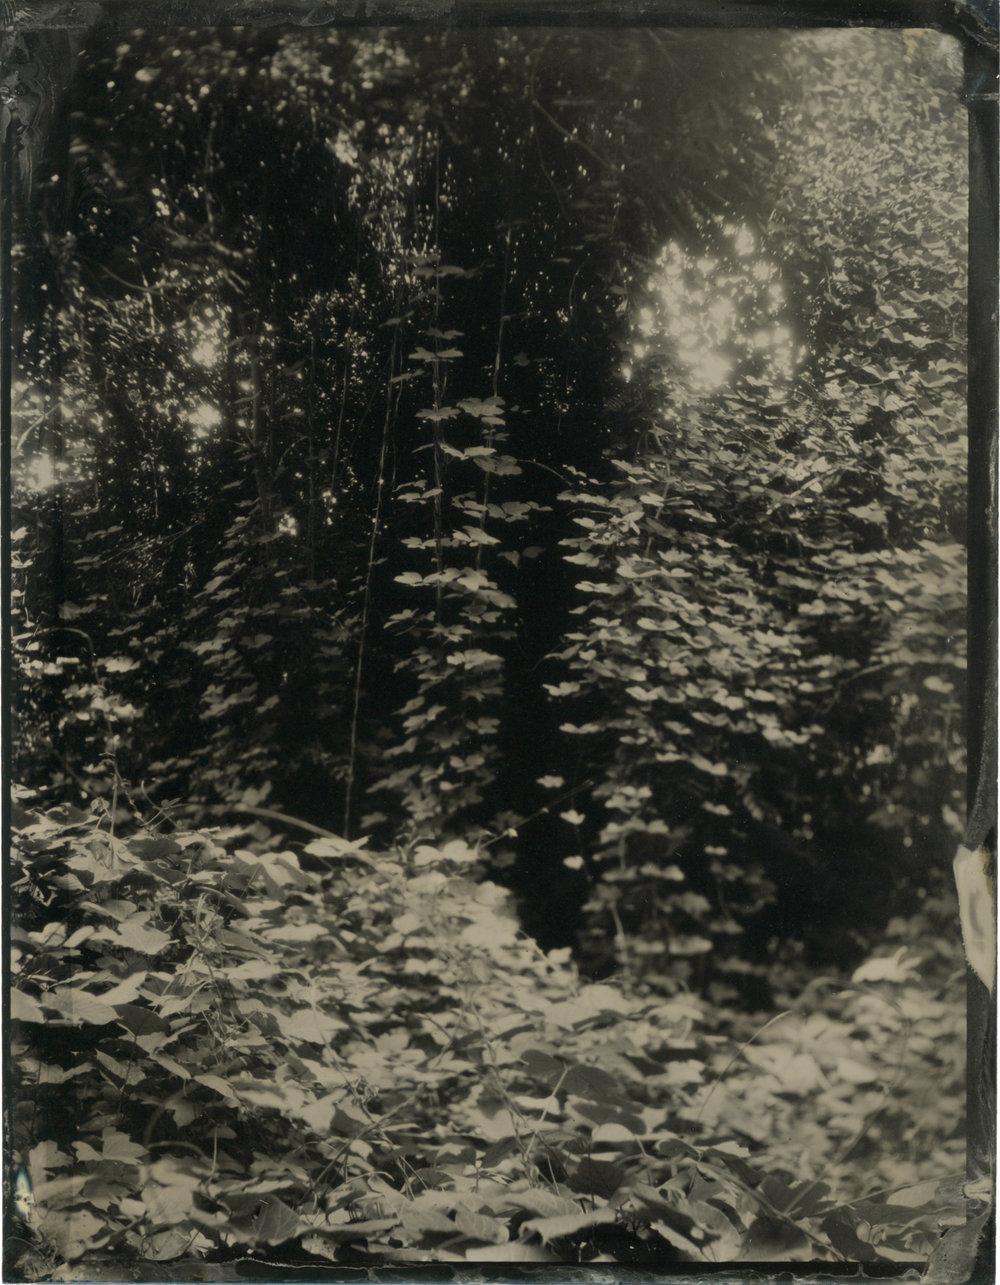 CollodionLandscapes-43.JPG